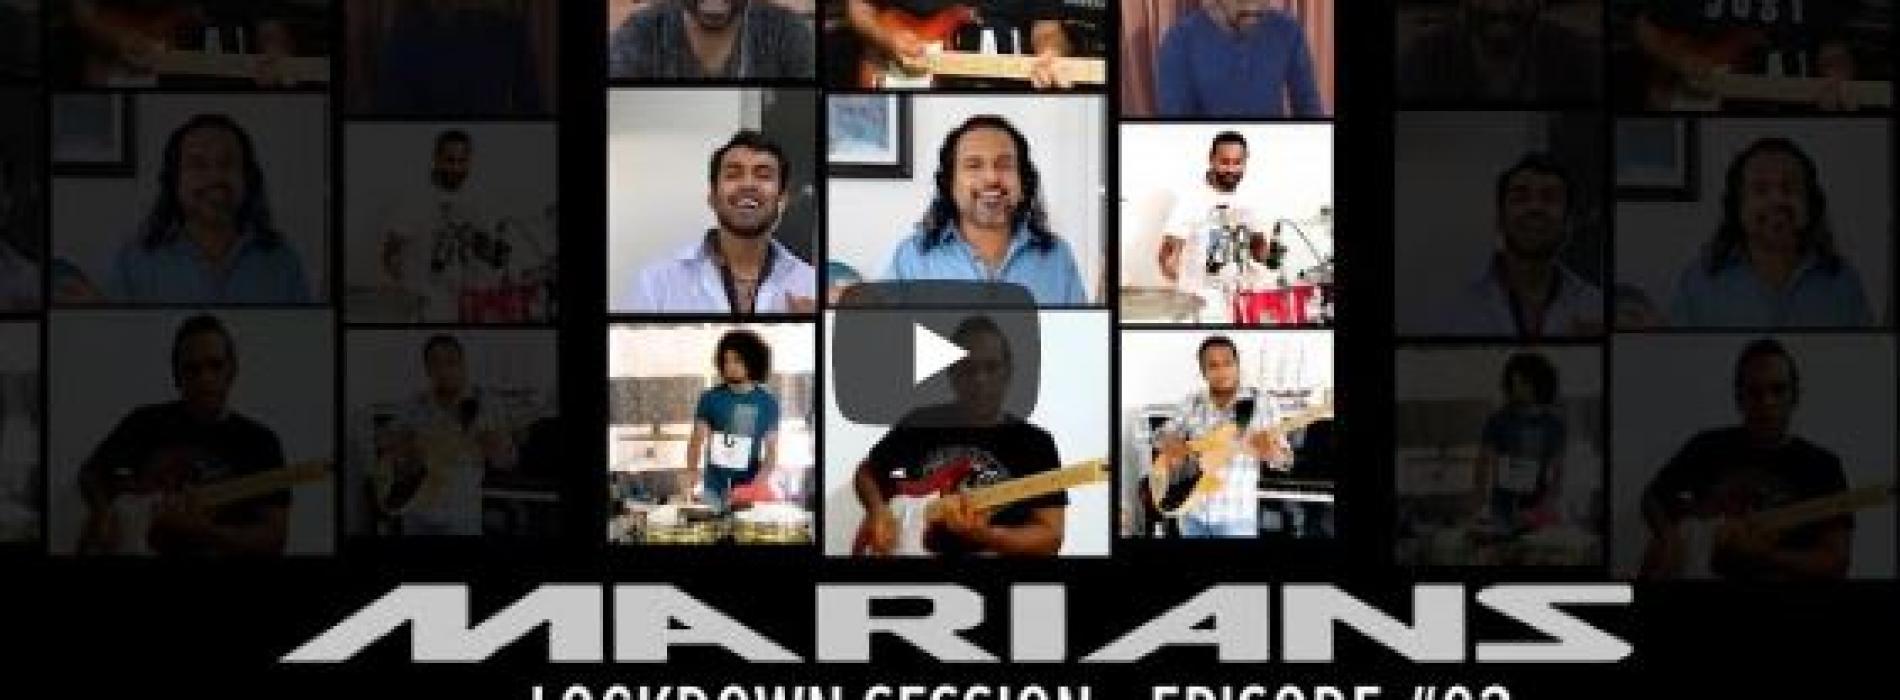 සිත තුල – Sitha thula | Marians Lockdown Session – Episode #02